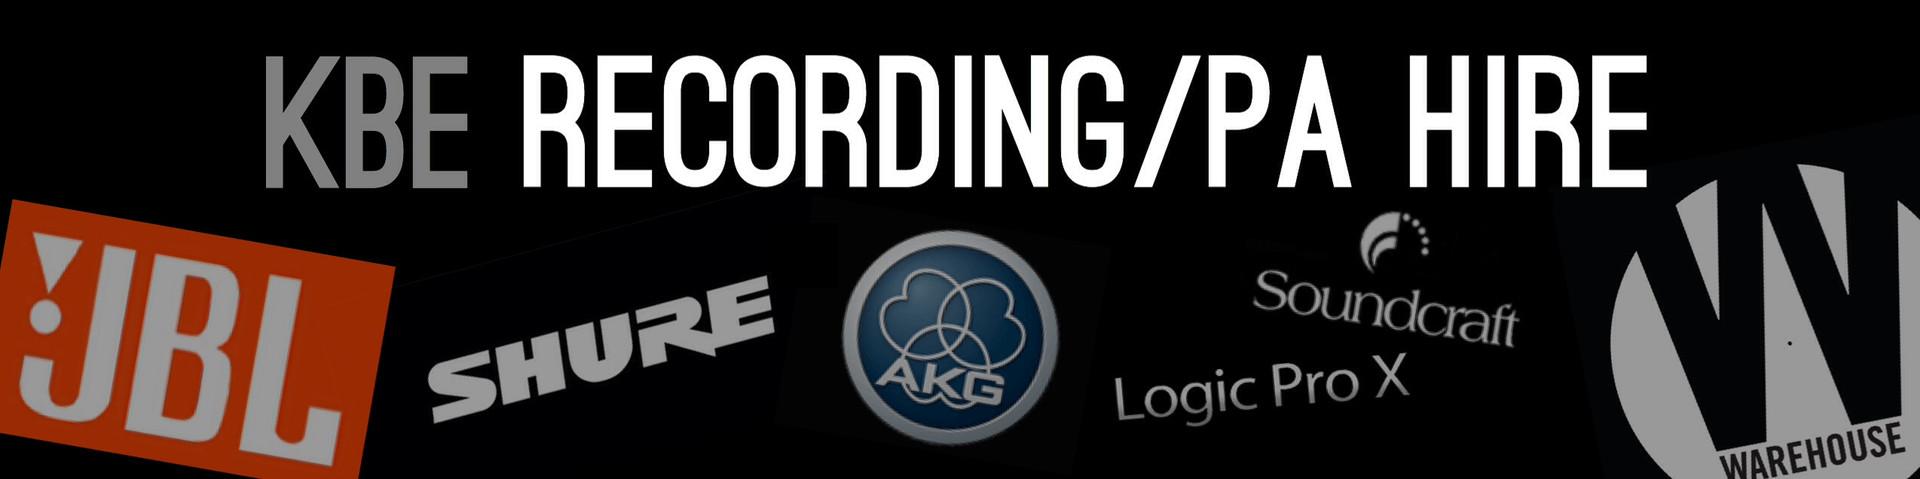 RECORDING/PA HIRE